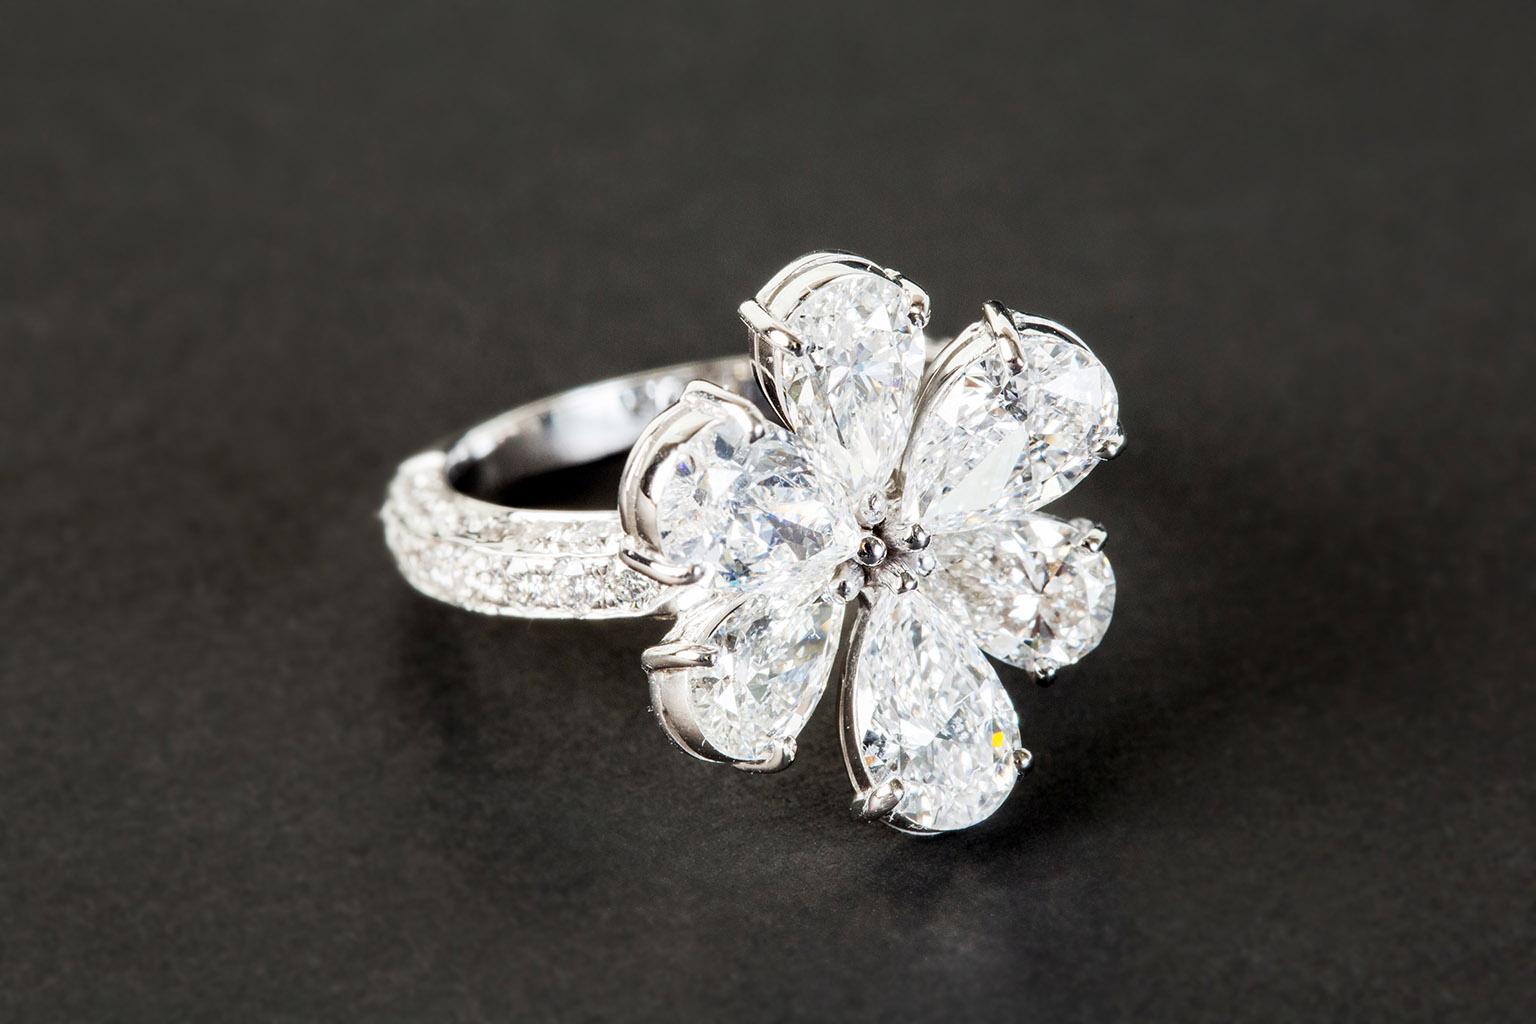 Uno de los anillos de compromiso más bonitos y originales en forma de flor, repleto de diamantes